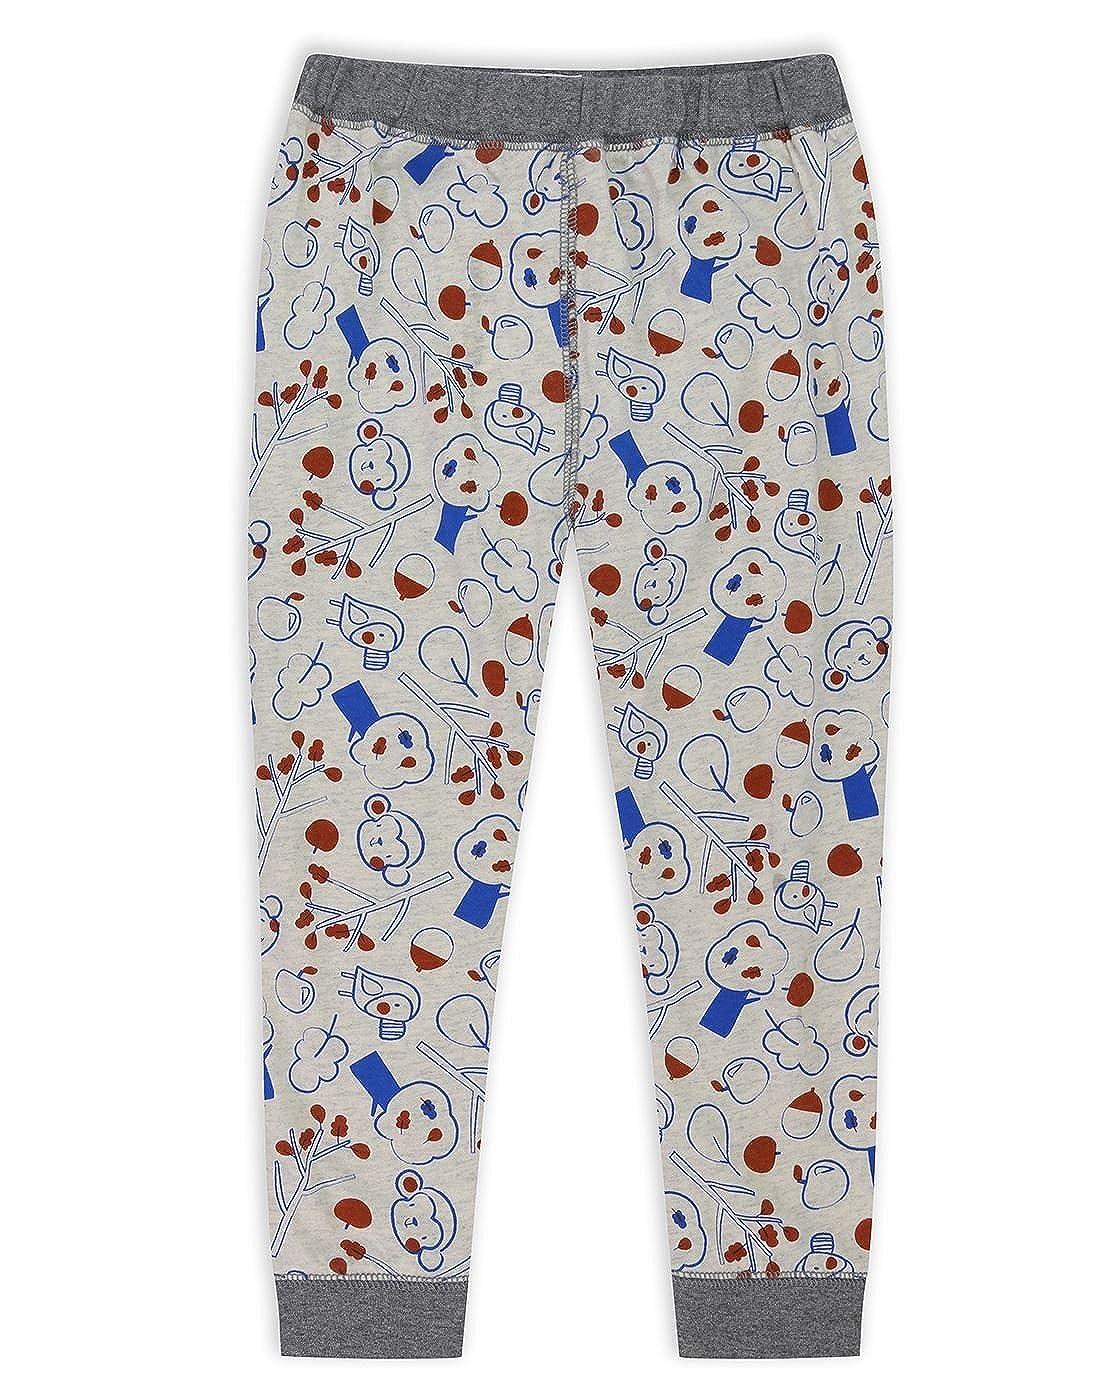 The Essential One - Infantil Niños Pijama Aventuras - Gris/Naranja - 5-6 años - EOT464: Amazon.es: Ropa y accesorios